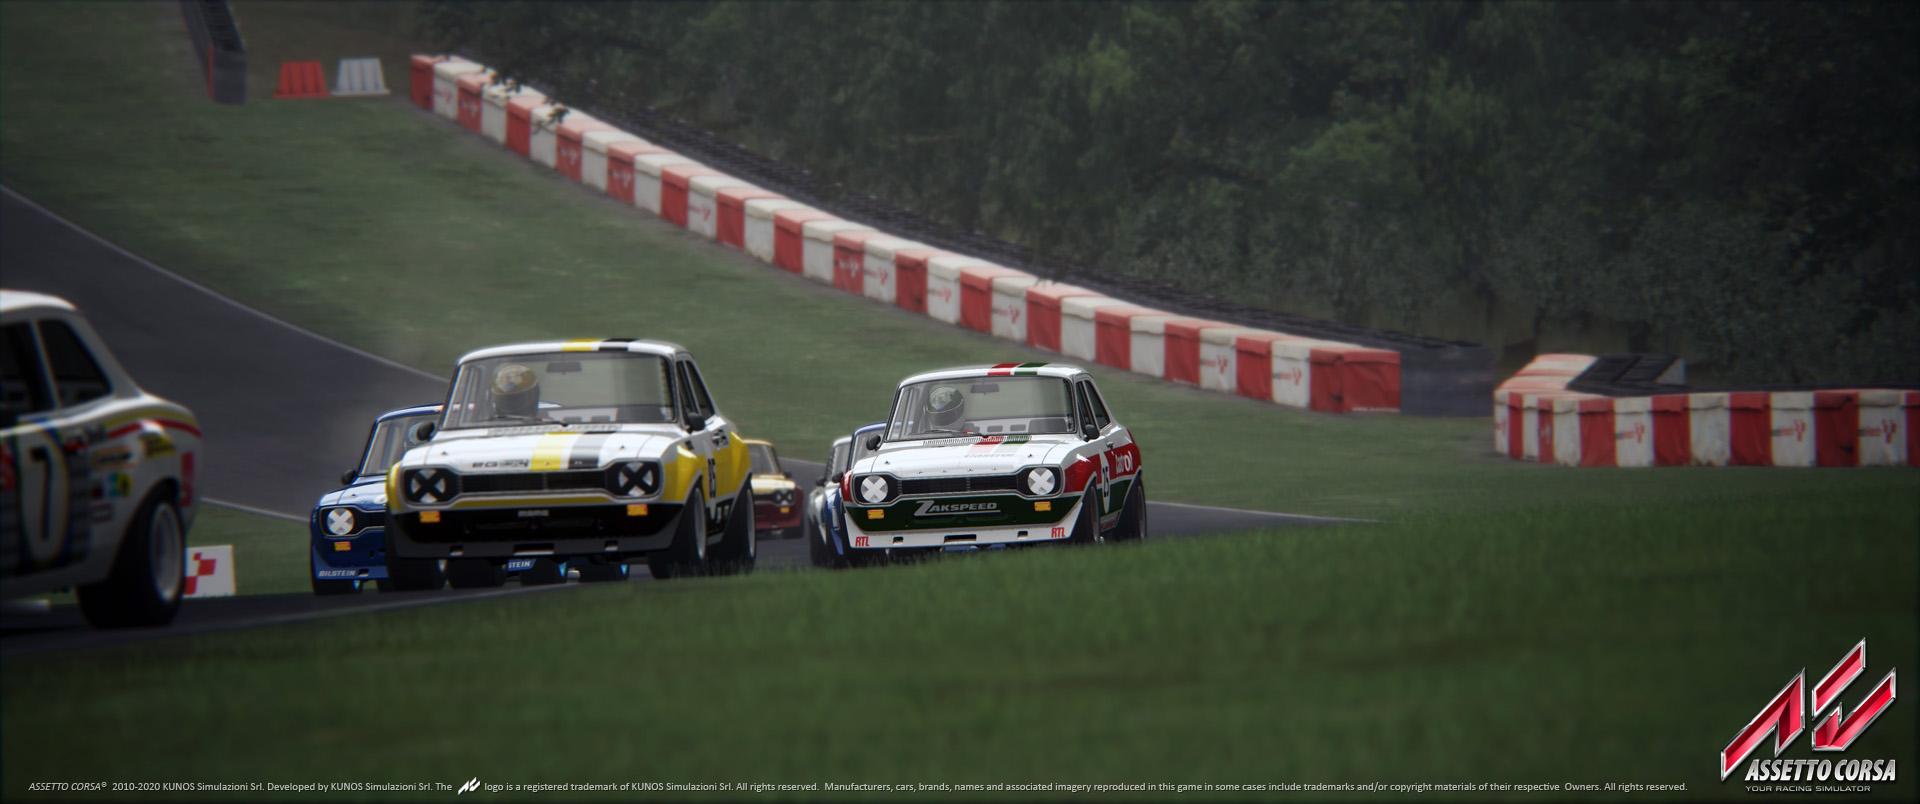 Assetto Corsa promo 2